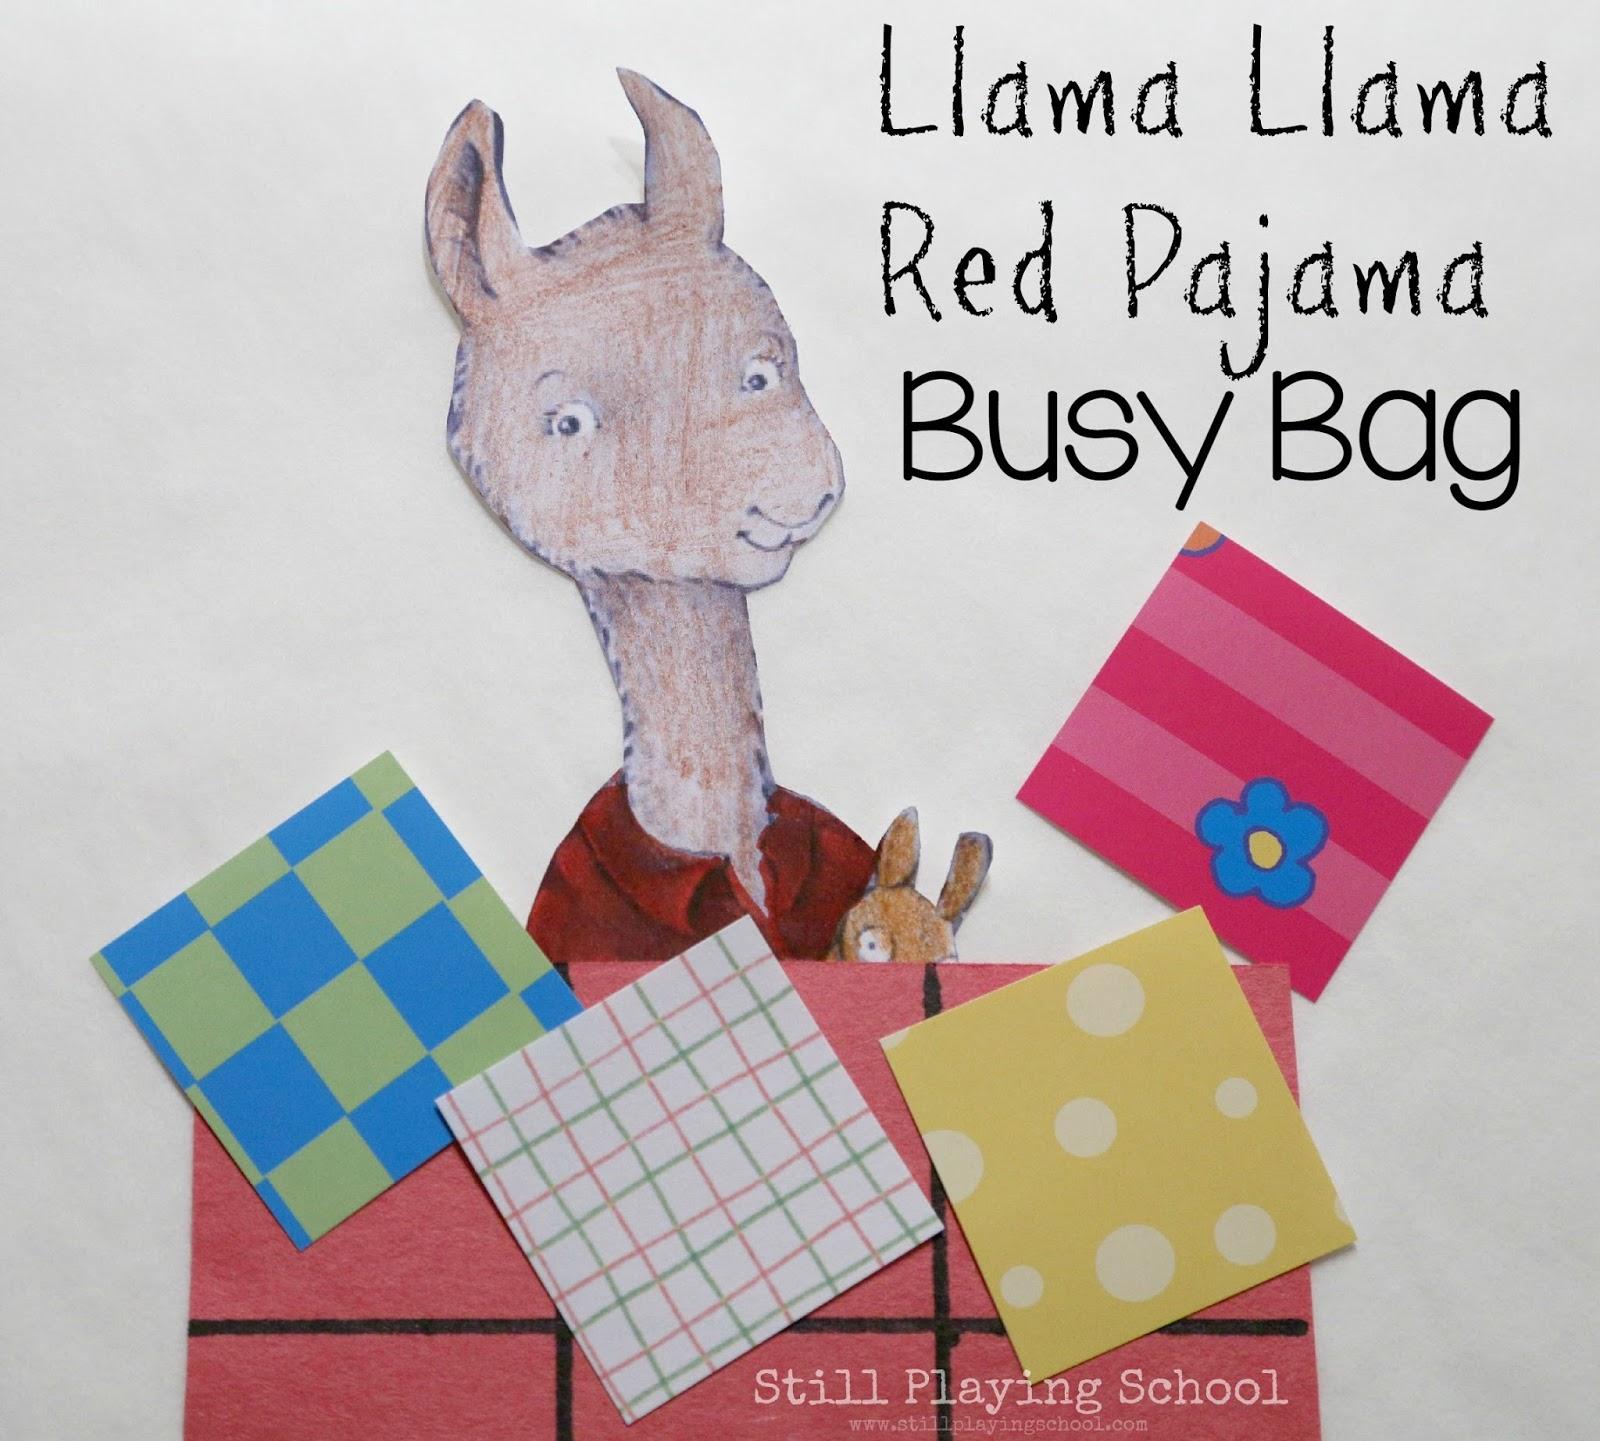 Llama Red Pajama Busy Bag Still Playing School